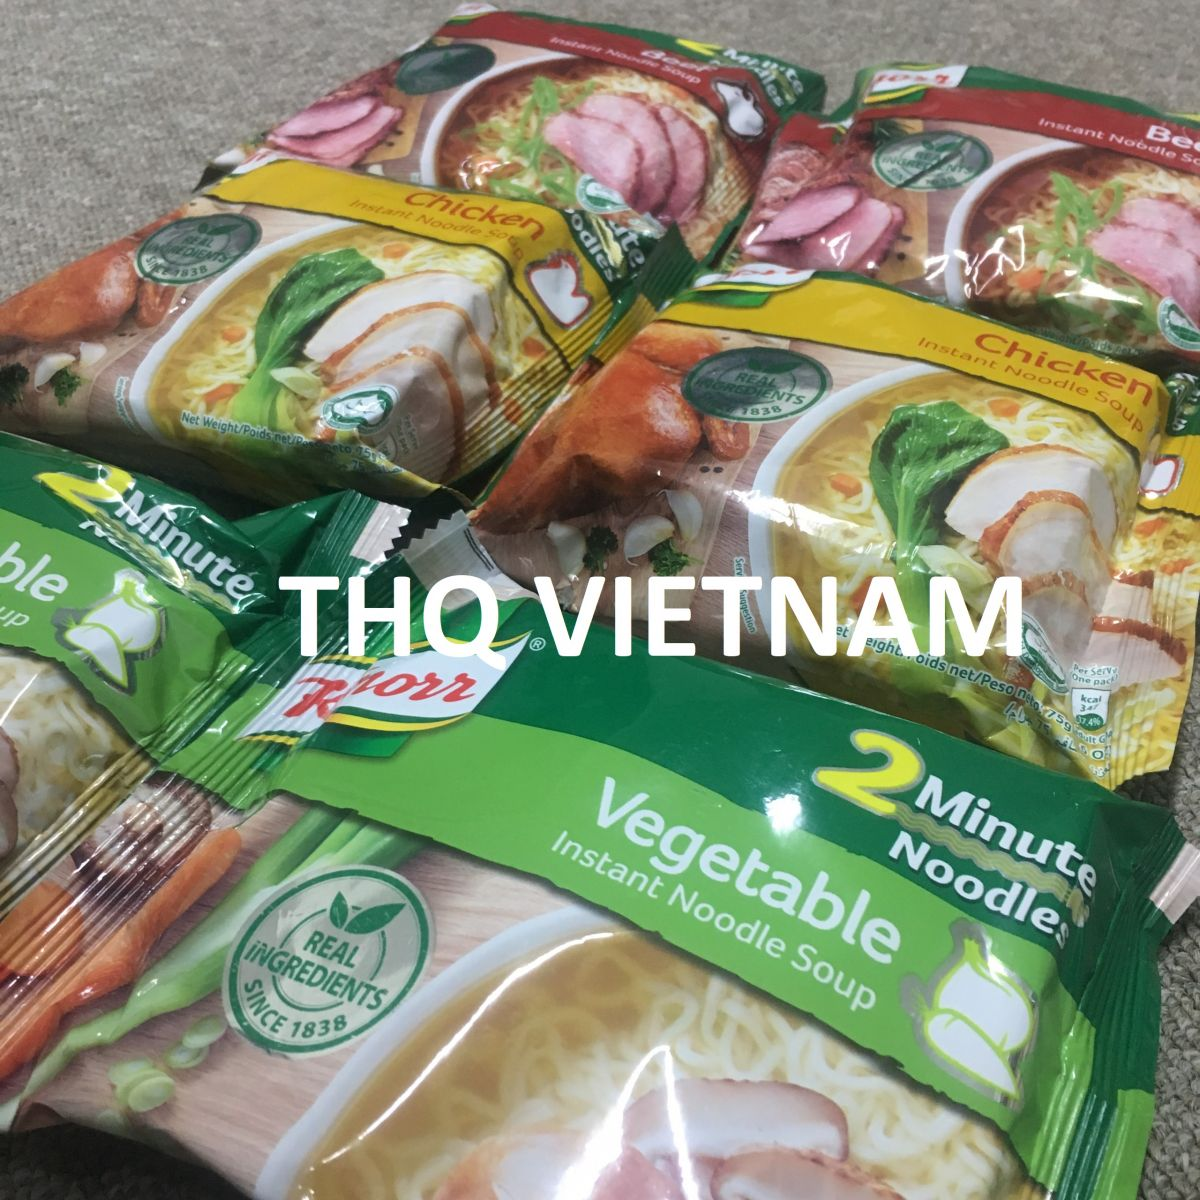 Knorr Instant Noodle 75gr (03 flavors: Beef, Chicken, Vegetable)